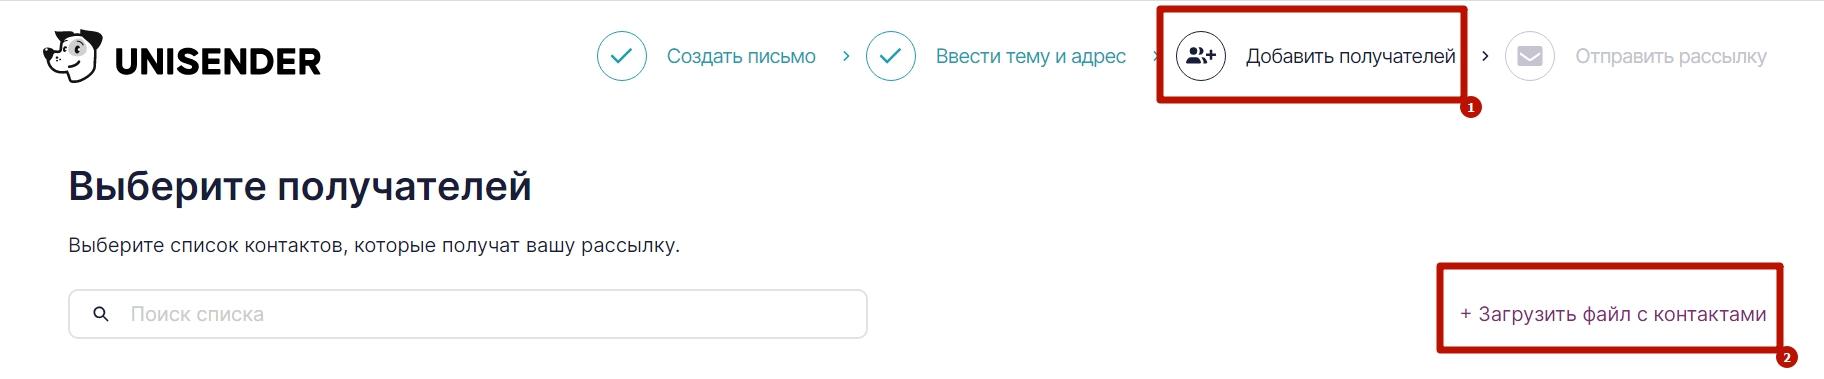 Как загрузить контакты при создании рассылки.